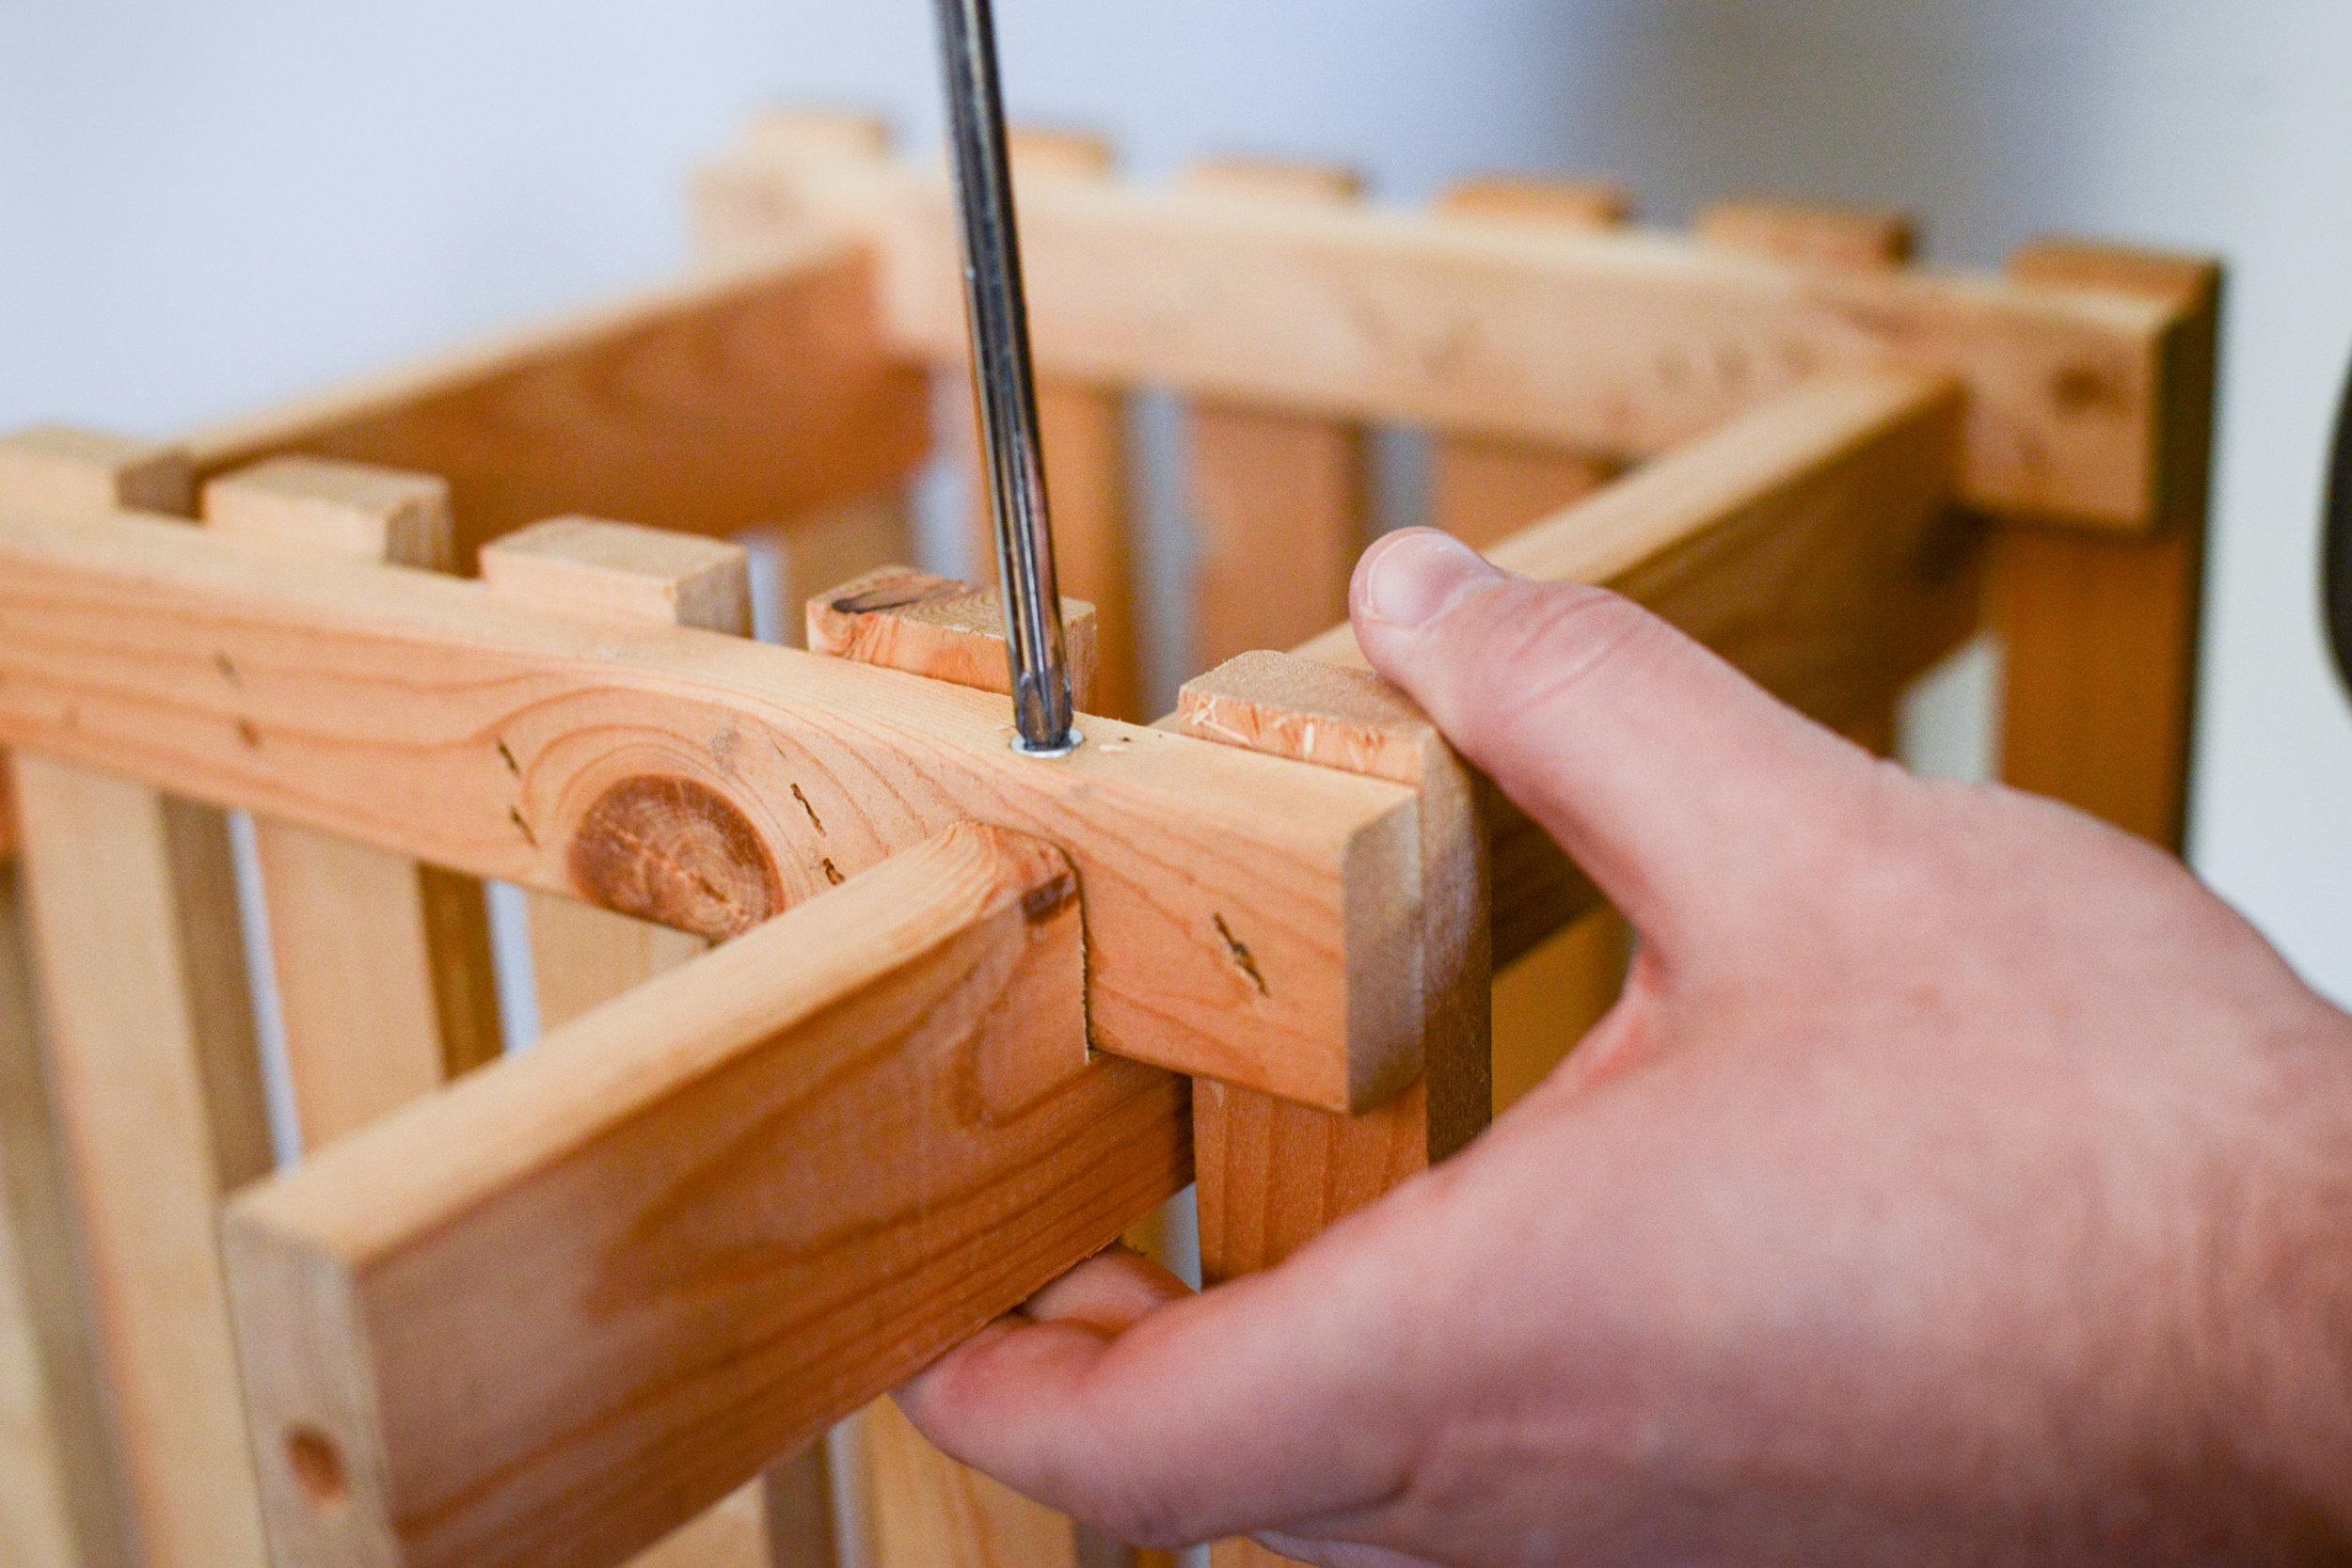 Building a wooden shoe rack